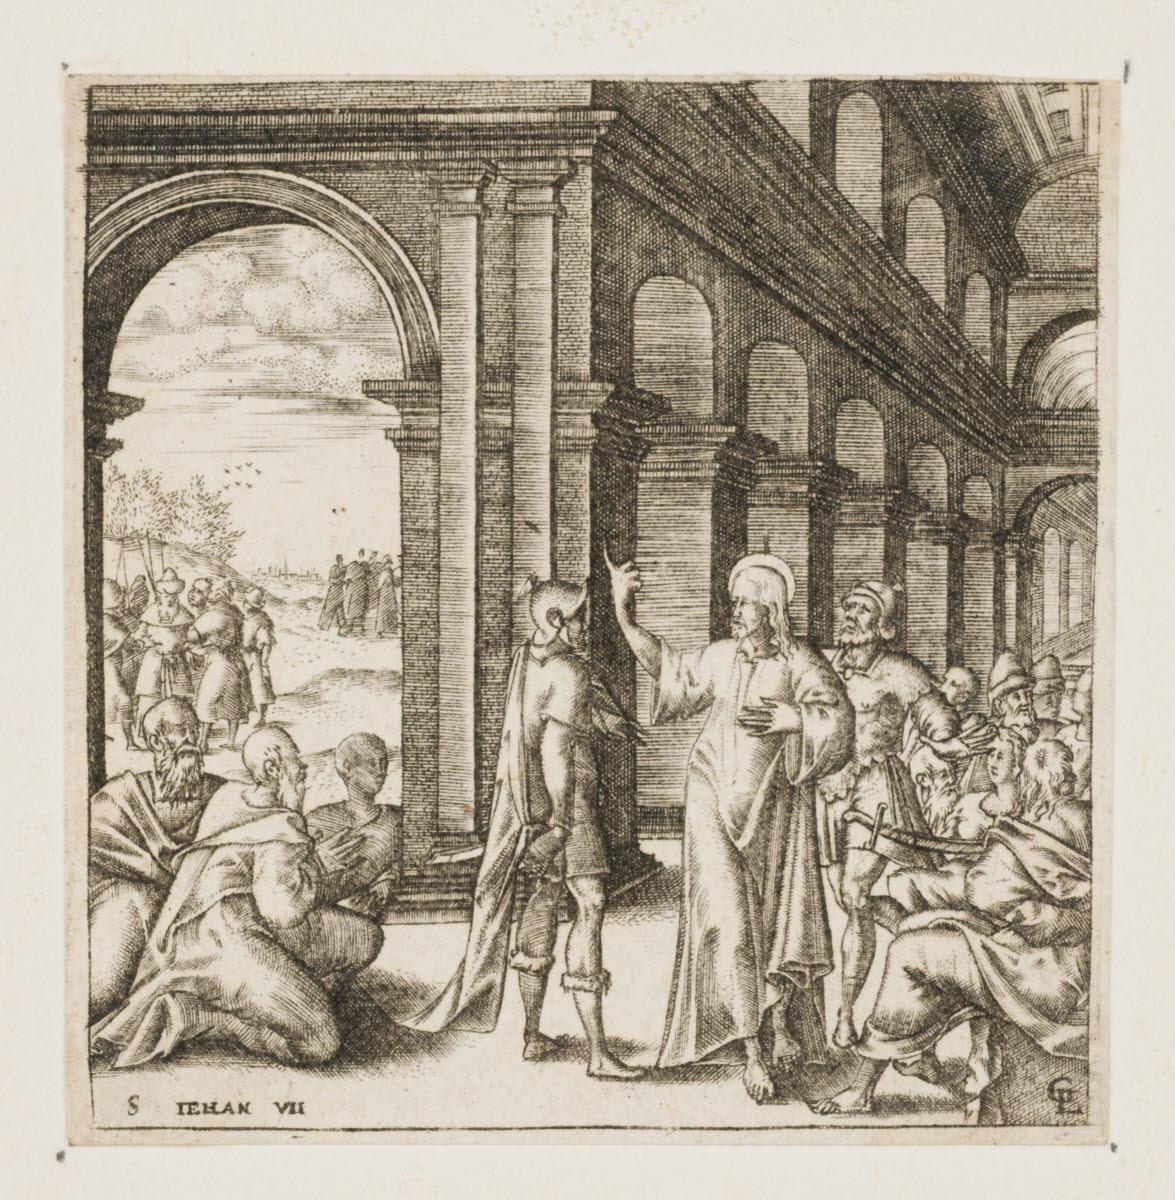 GAULTIER Léonard (inventeur, graveur) : Jésus enseigne dans le Temple